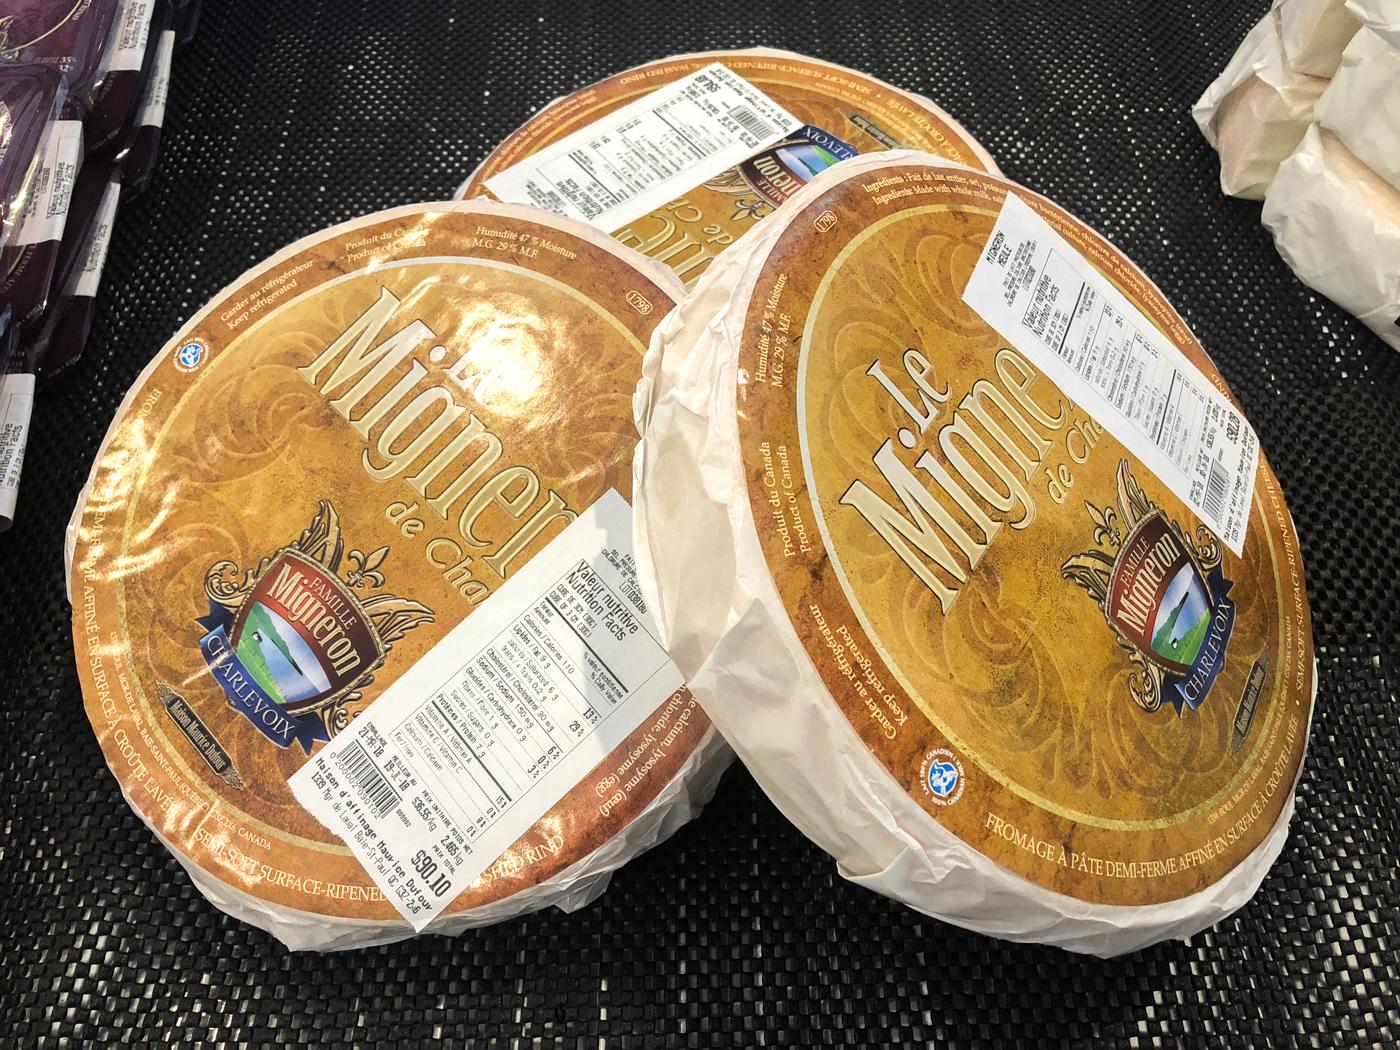 Meules de fromage Le Migneron